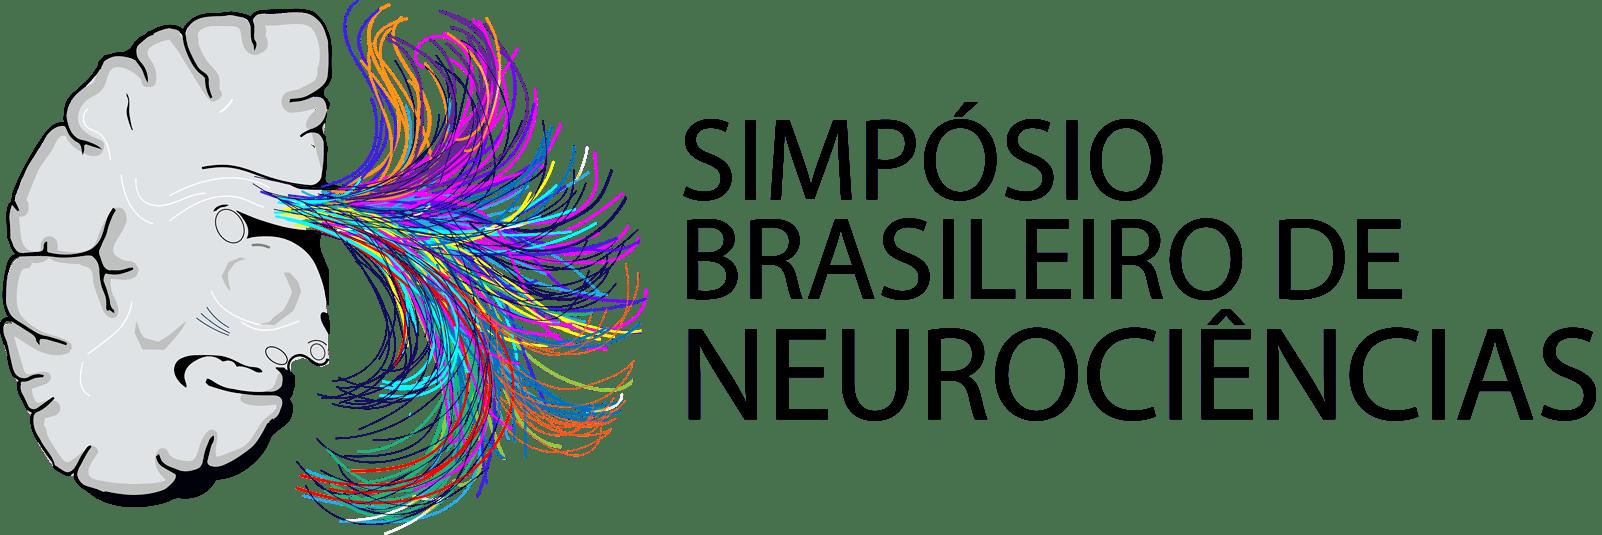 """Inscrições abertas para o """"II Simpósio Brasileiro de Neurociências"""" (II SBN)"""